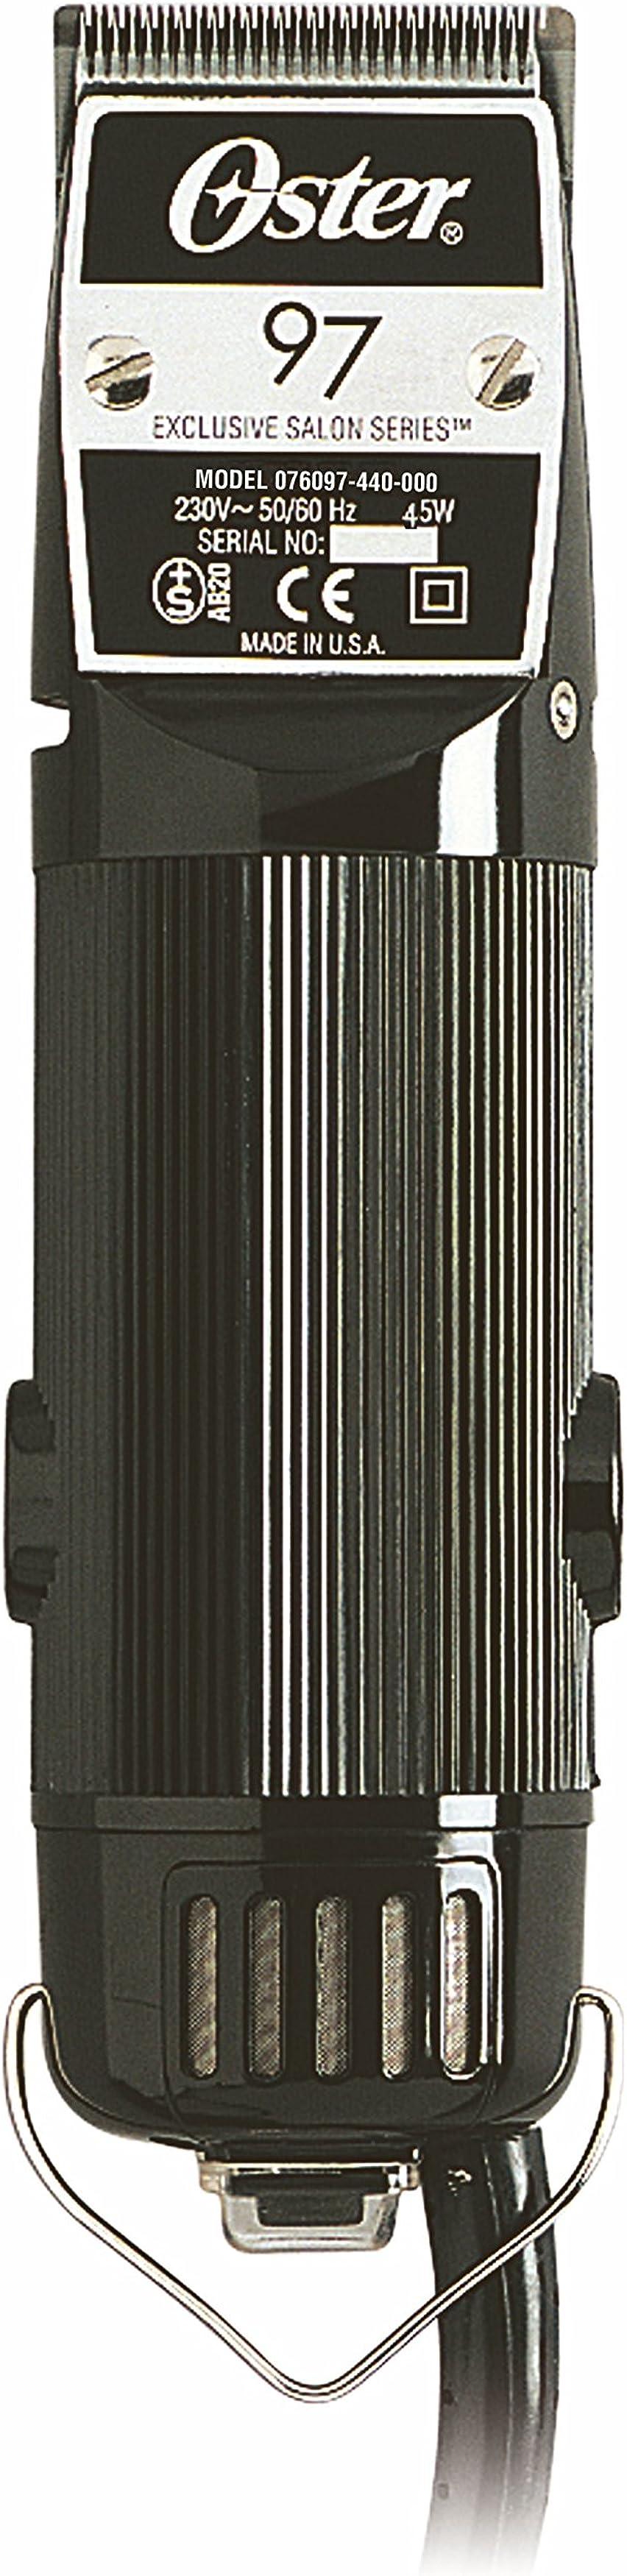 Rasoio a motore oster 97-44 OS-76097-440